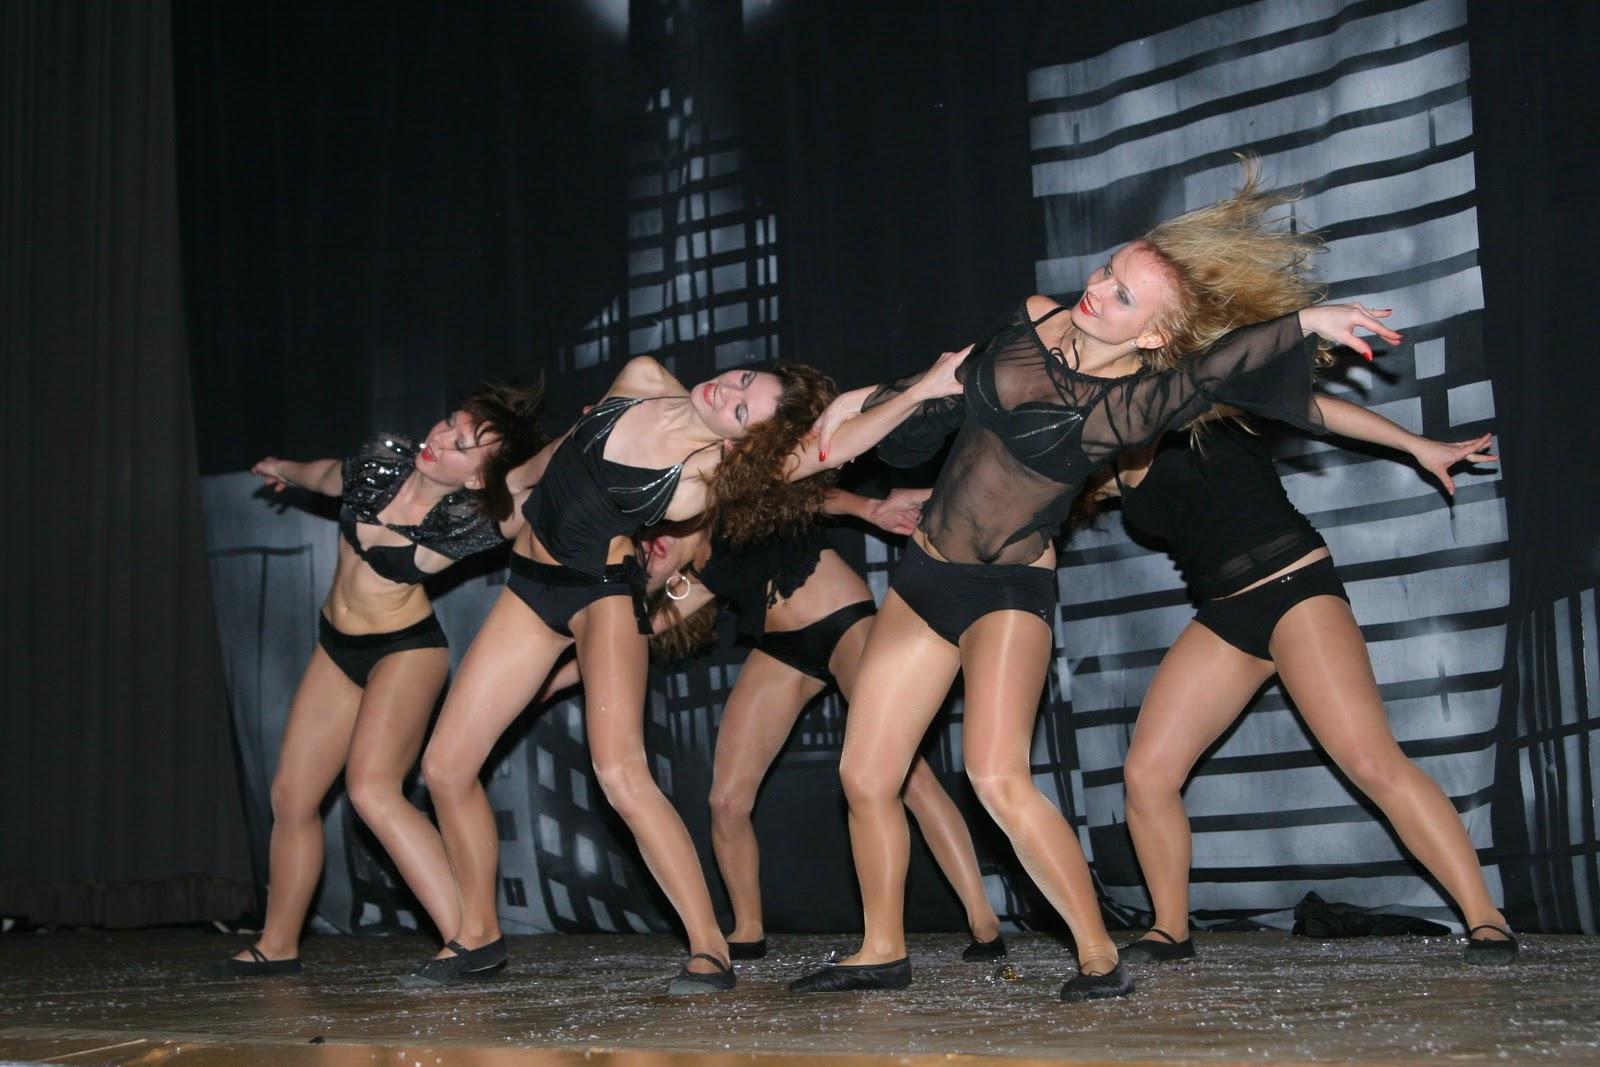 Самоучитель эротического танца, Уроки эротического танца часть 1 Урок 1 3 фотография